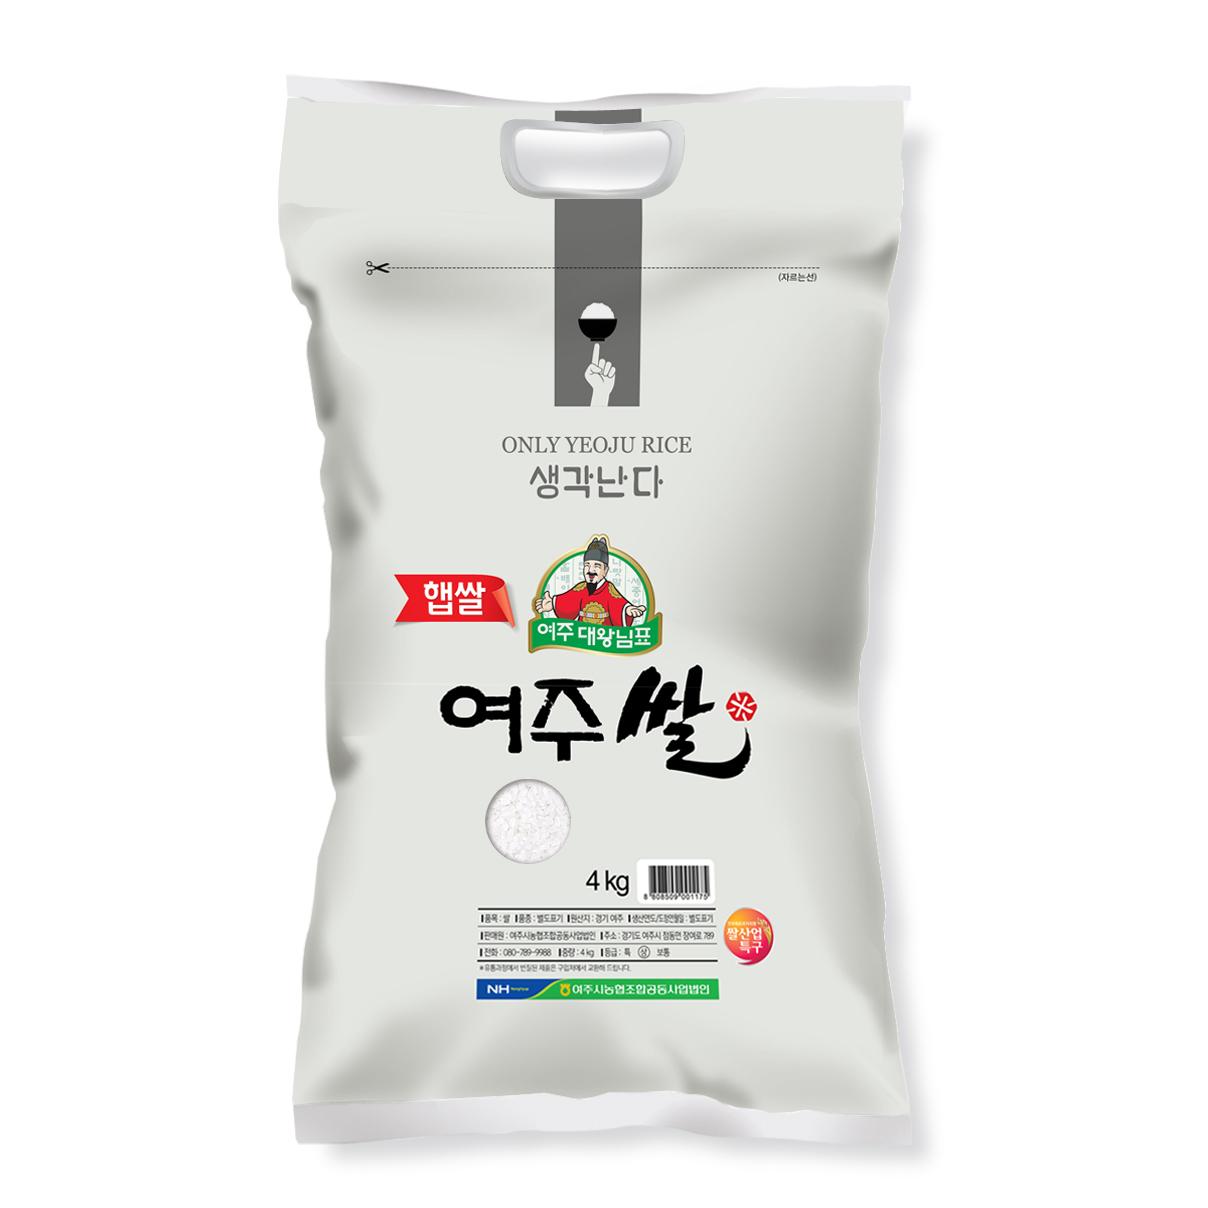 [2021년 햅쌀] 농협 2021년 햅쌀 대왕님표 여주쌀, 4kg, 1개 - 랭킹8위 (22340원)